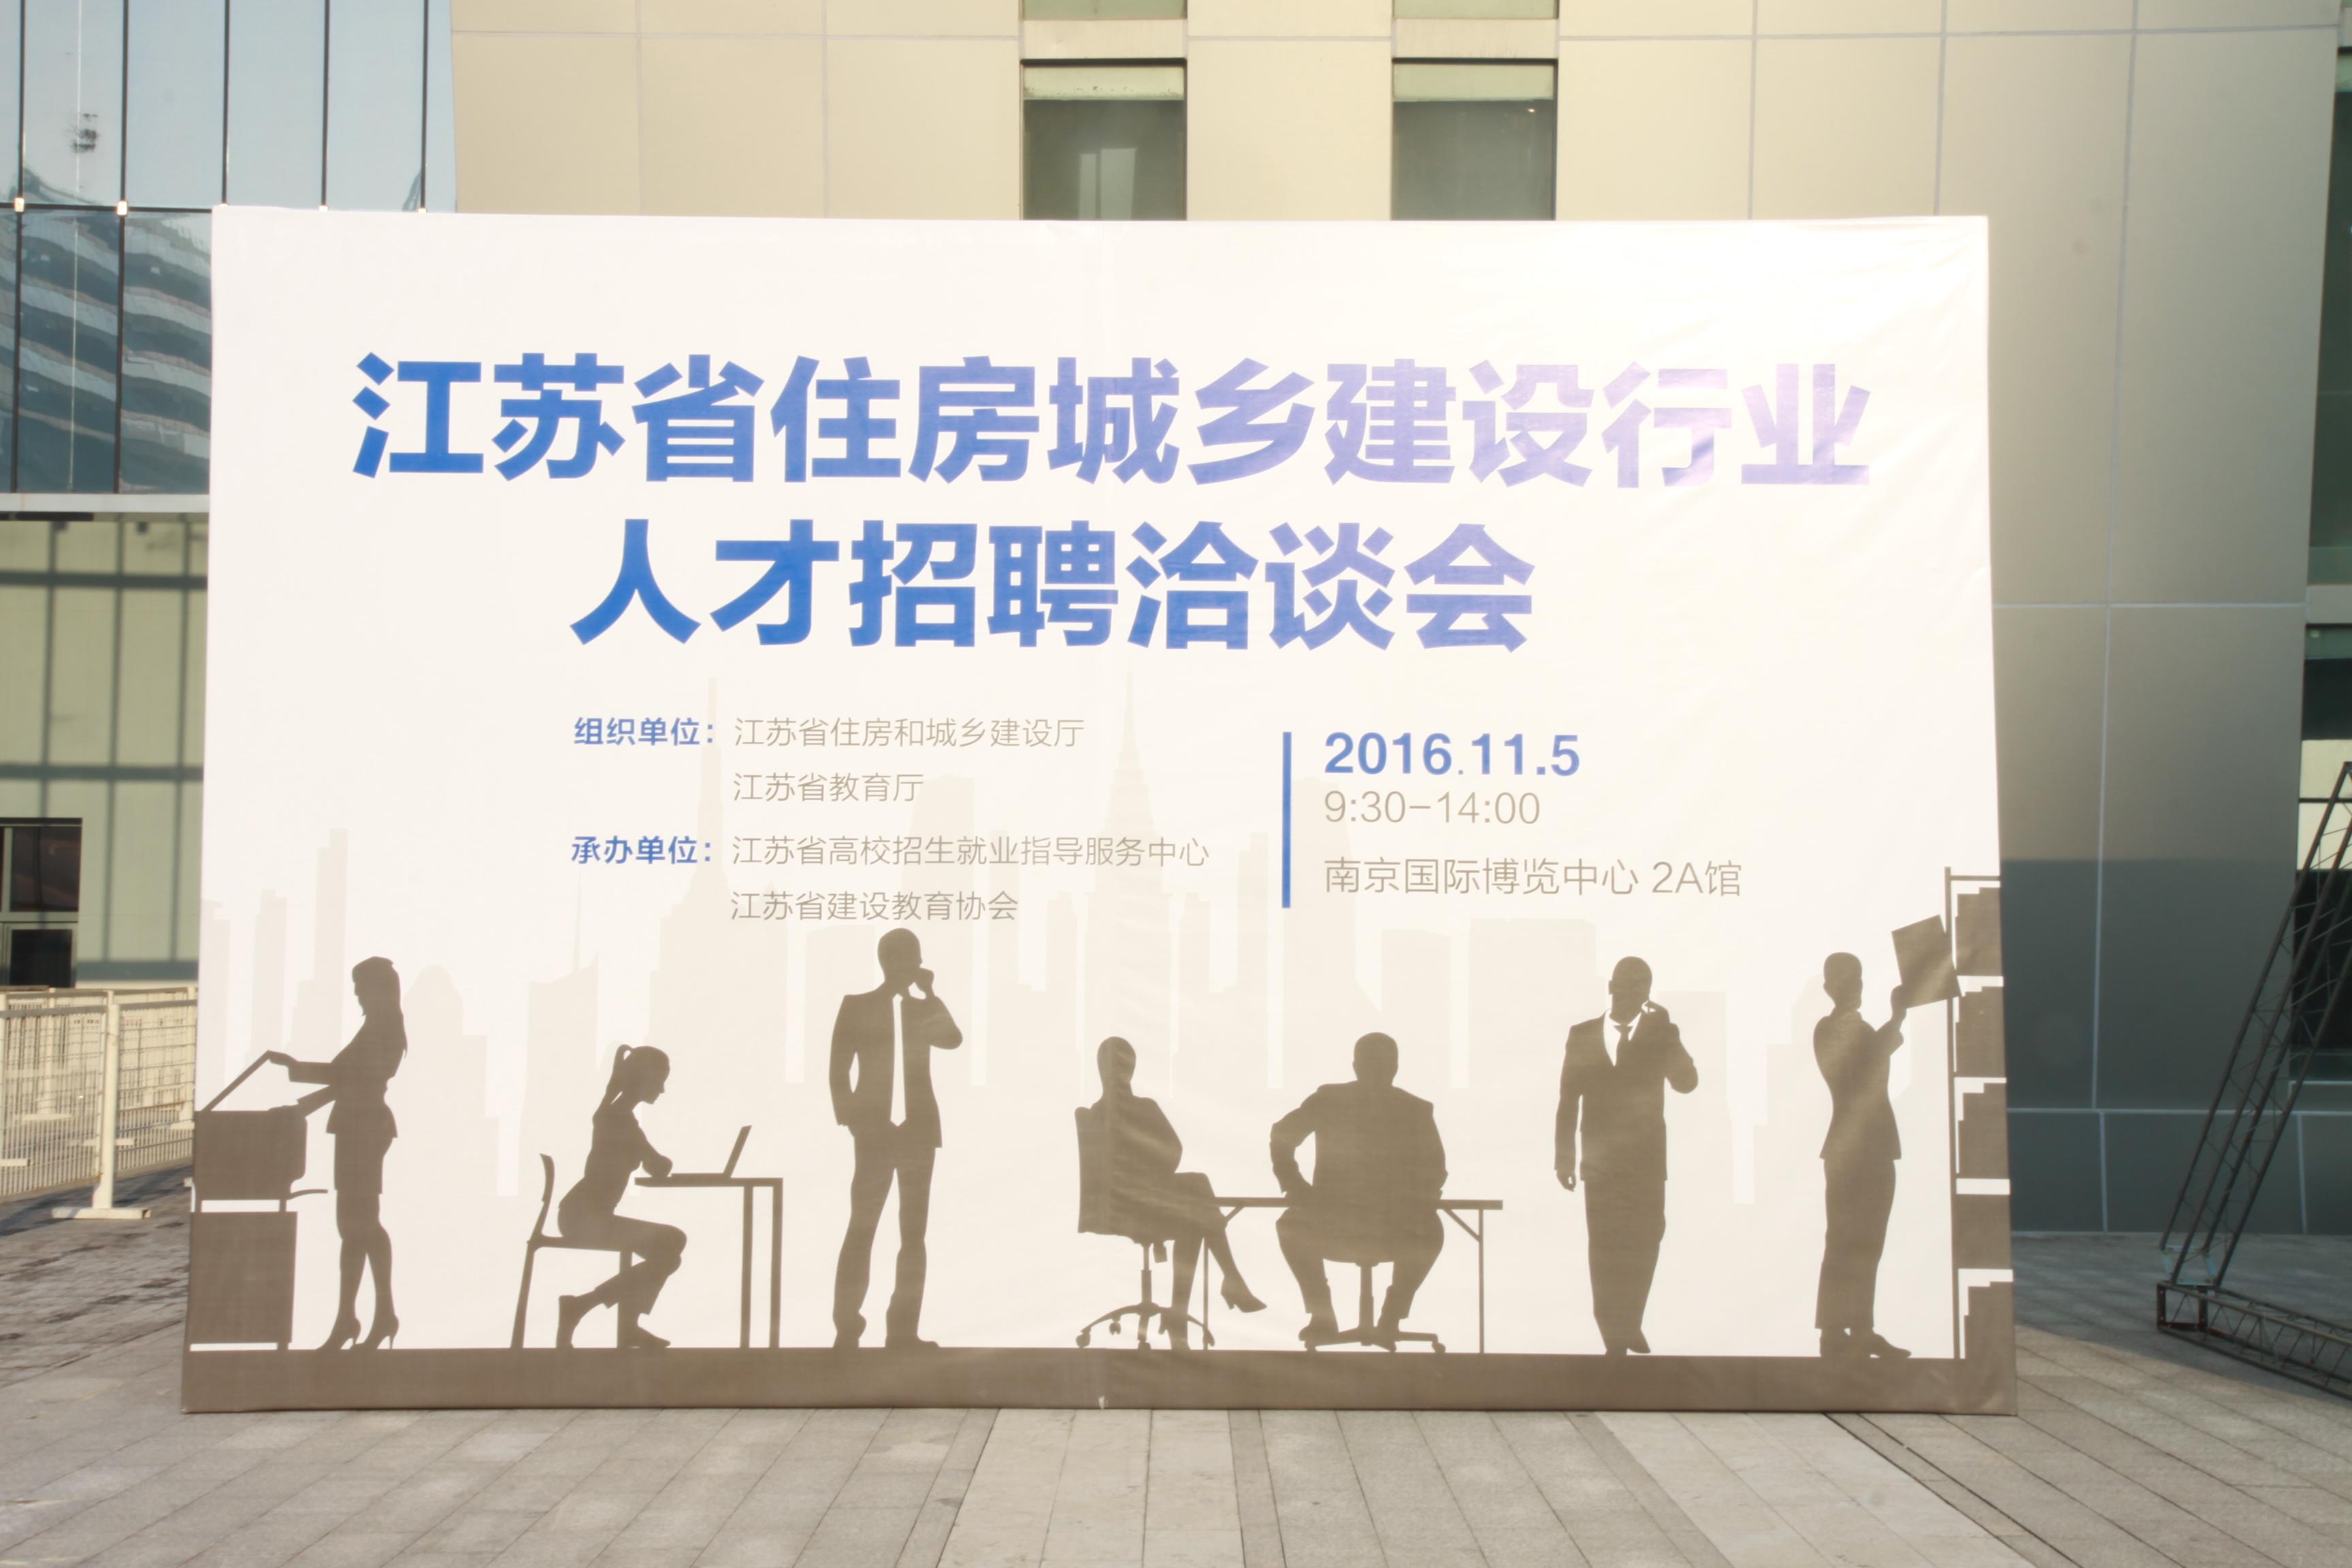 2016江苏省住房城乡建设行业人才招聘洽谈会在宁成功举办